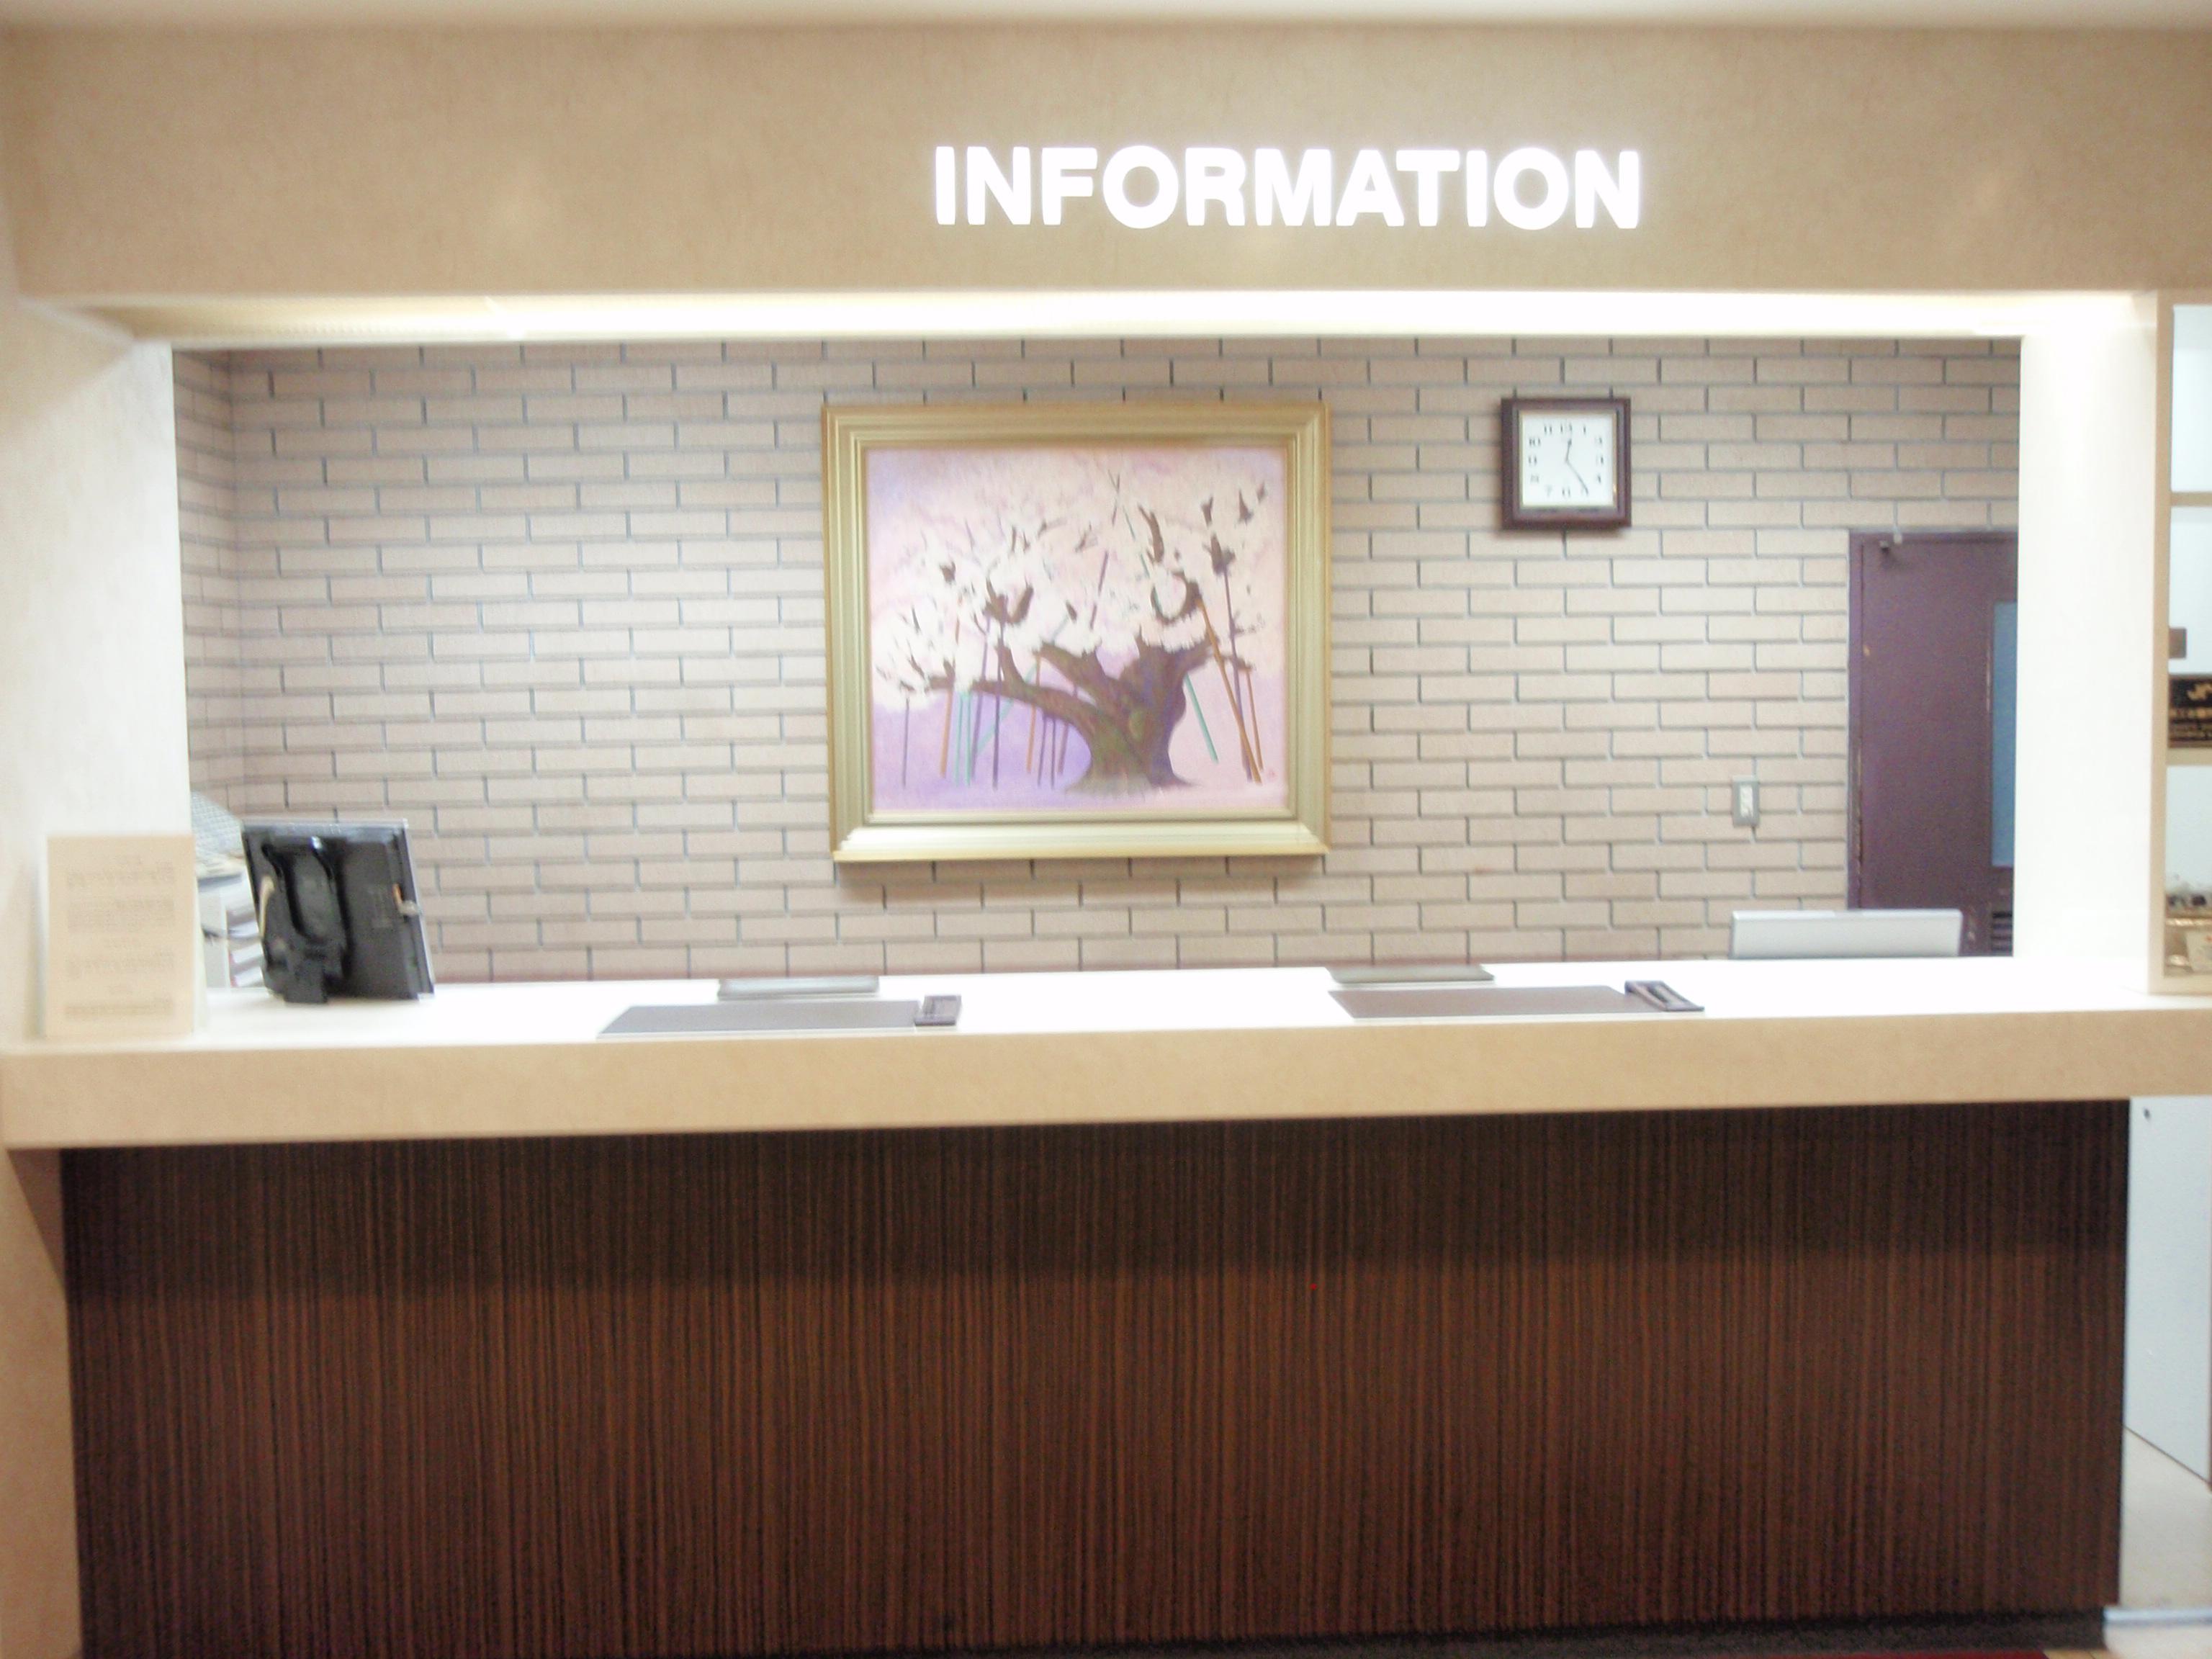 大和第一ホテルは、小田急線・相鉄線の交差する交通の要、大和駅前の便利な所に位置しています。自動車道も近くに東名・横浜町田インターが有り、ビジネスにレジャーに行動範囲も広く都会のセンスあふれるホテルです。